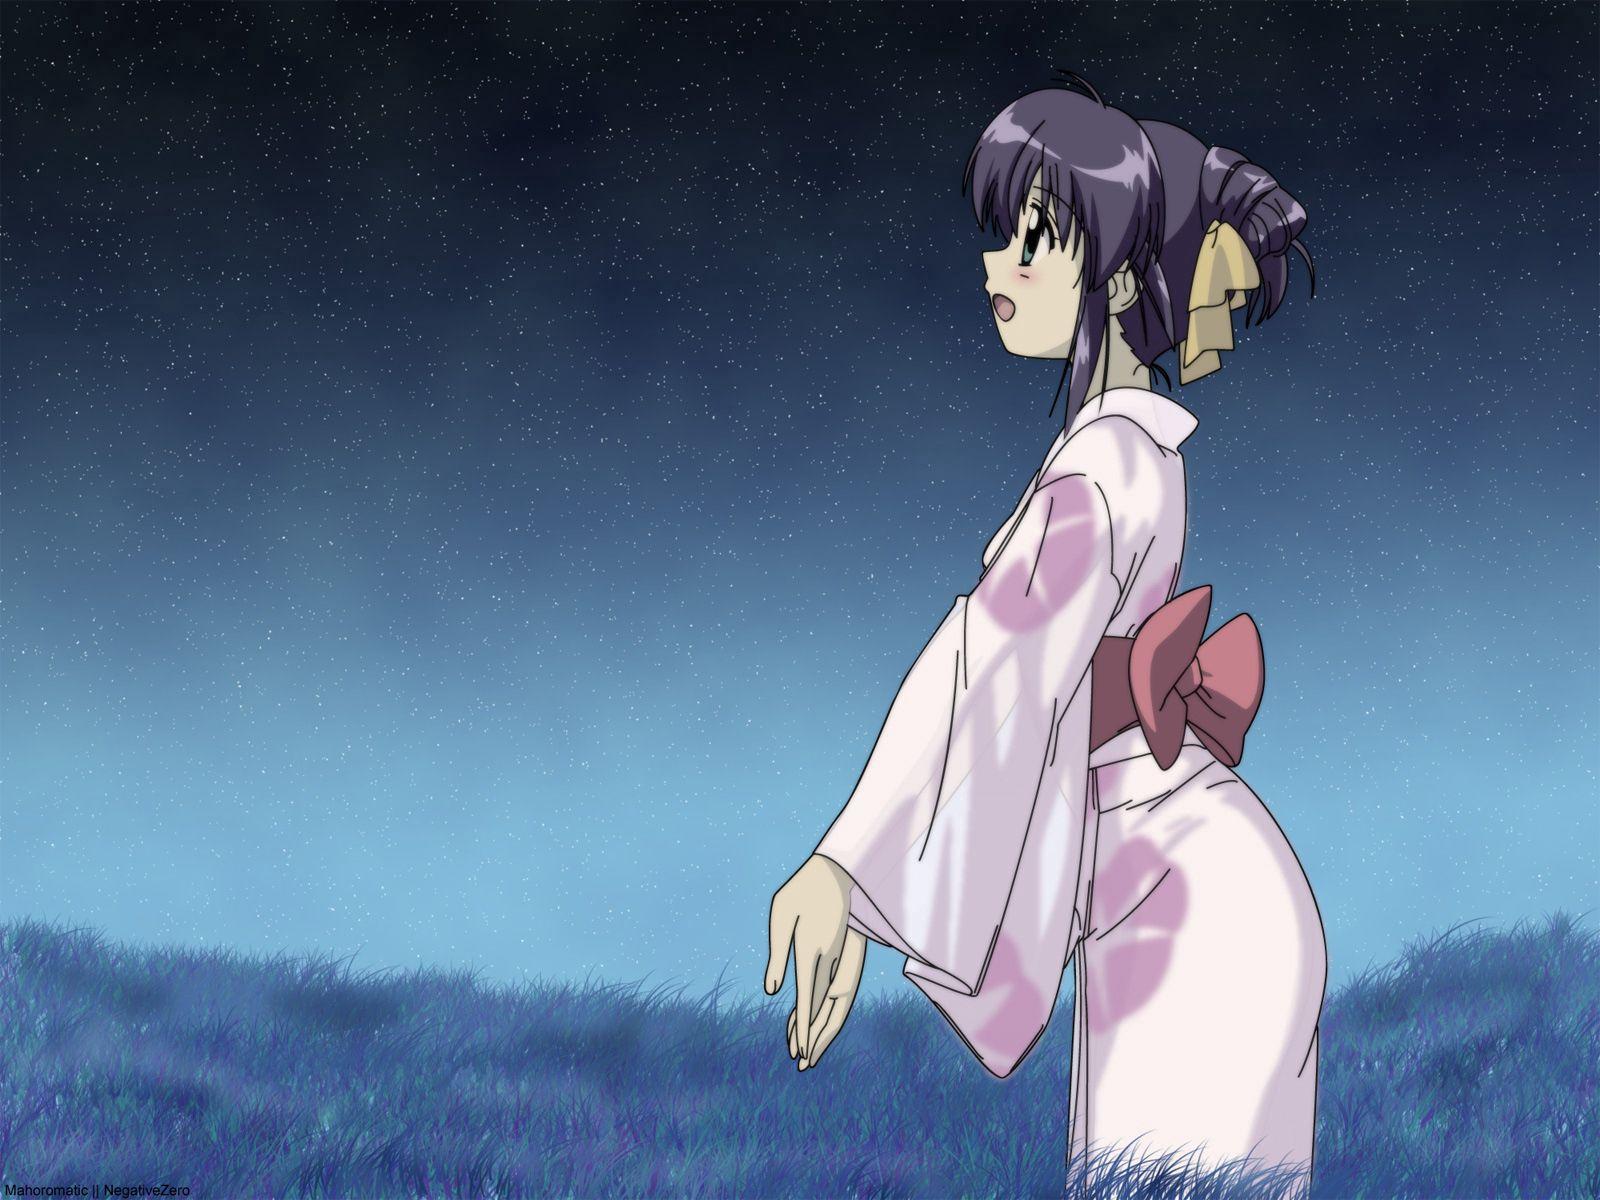 75786壁紙のダウンロード日本製アニメ, 女の子, 着物, ベルト, 帯-スクリーンセーバーと写真を無料で